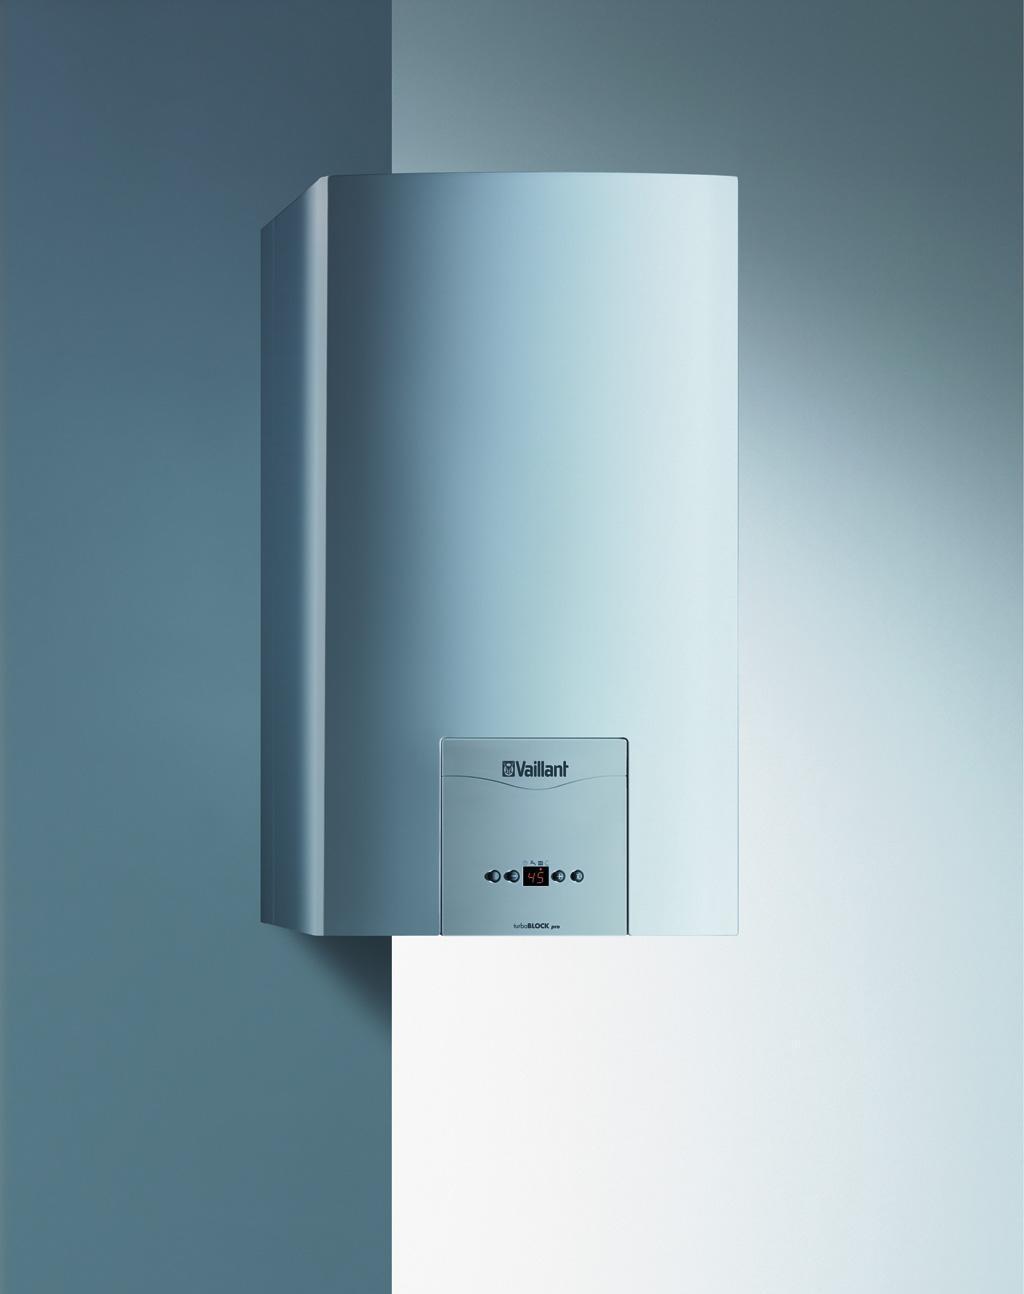 威能热水器turboBLOCK pro VUW经济型燃气壁挂式采暖/热水锅炉